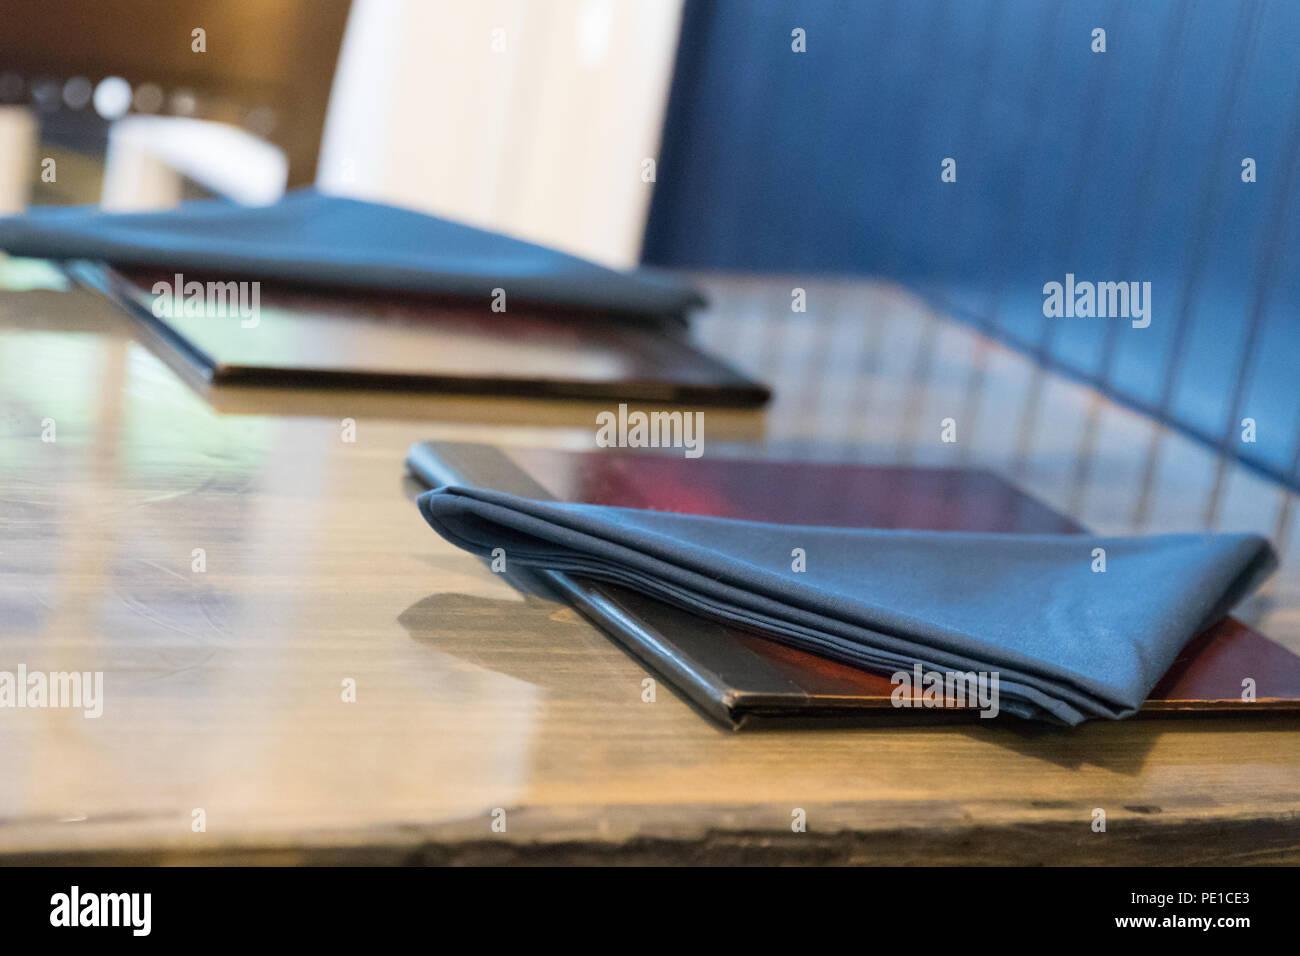 Serviette und Menü Buch über Holz- Hintergrund Stockfoto